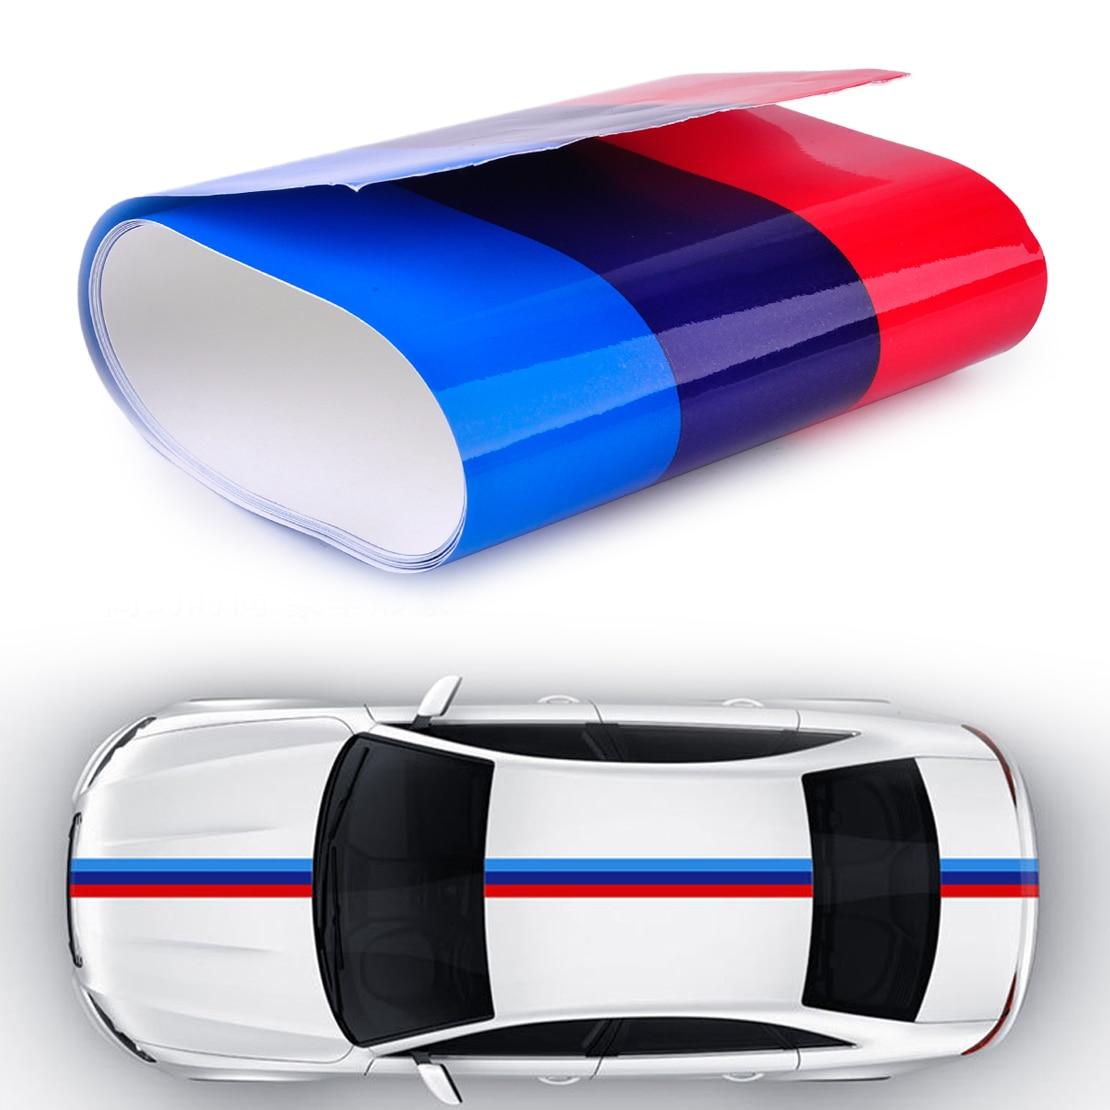 DWCX Car M-Colored Power Flag Stripe Sticker Decal Auto Hood Roof Fender 2M for BMW 1 2 3 4 7 Series X1 X3 X4 X5 X6 Z1 Z3 Z4 Z8 oxygen sensor lambda for bmw 3 5 7 8 series x3 x5 z3 z4 z8